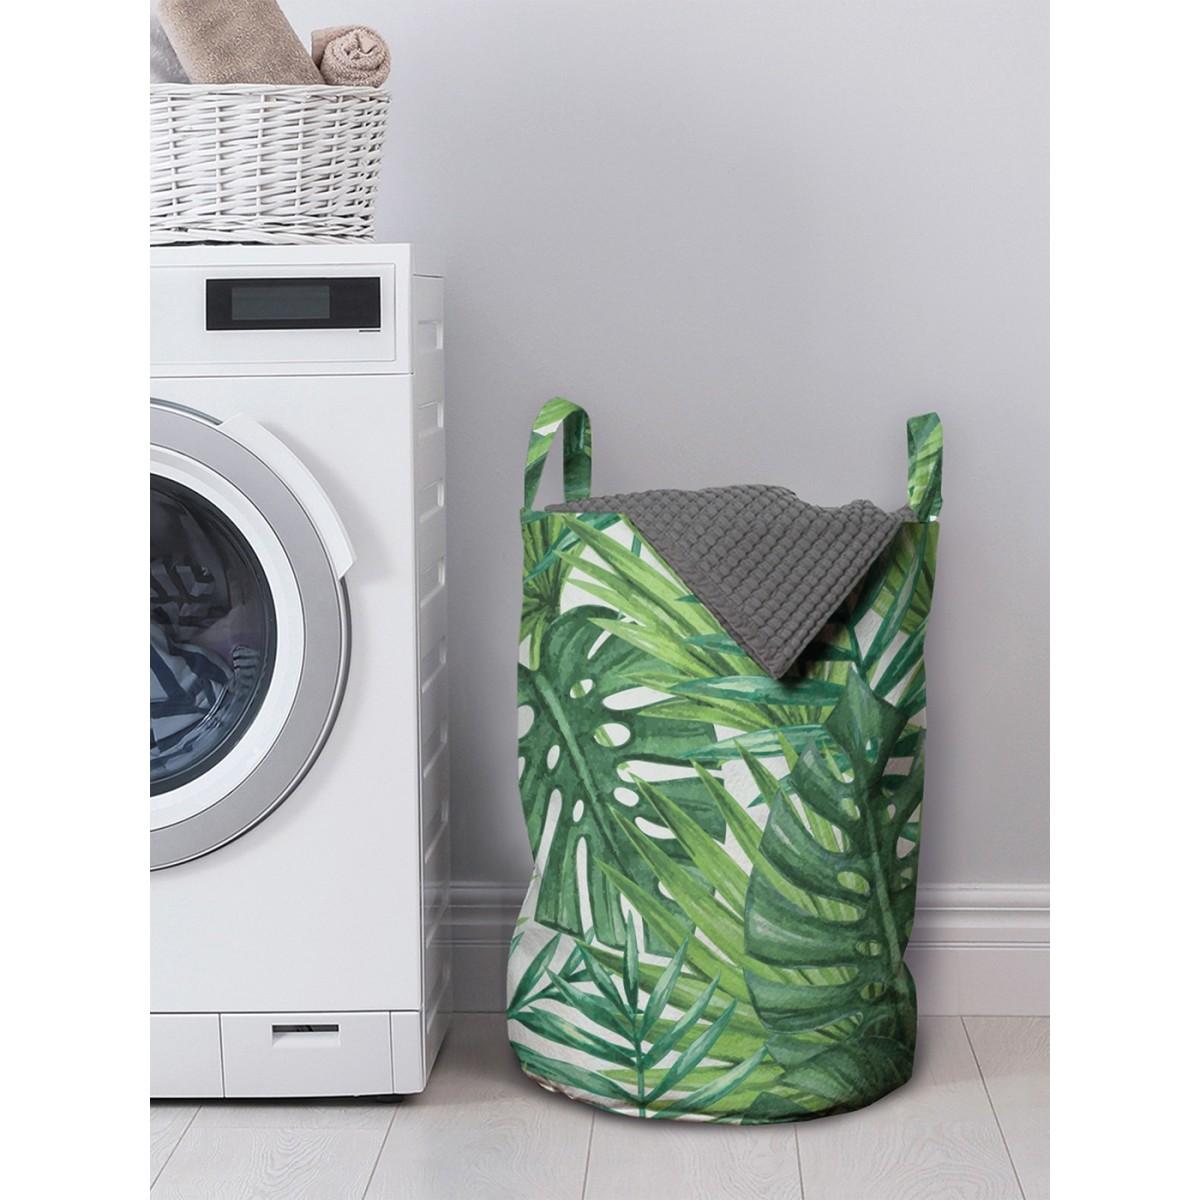 Корзина для хранения вещей Тропические листья 35x50 см